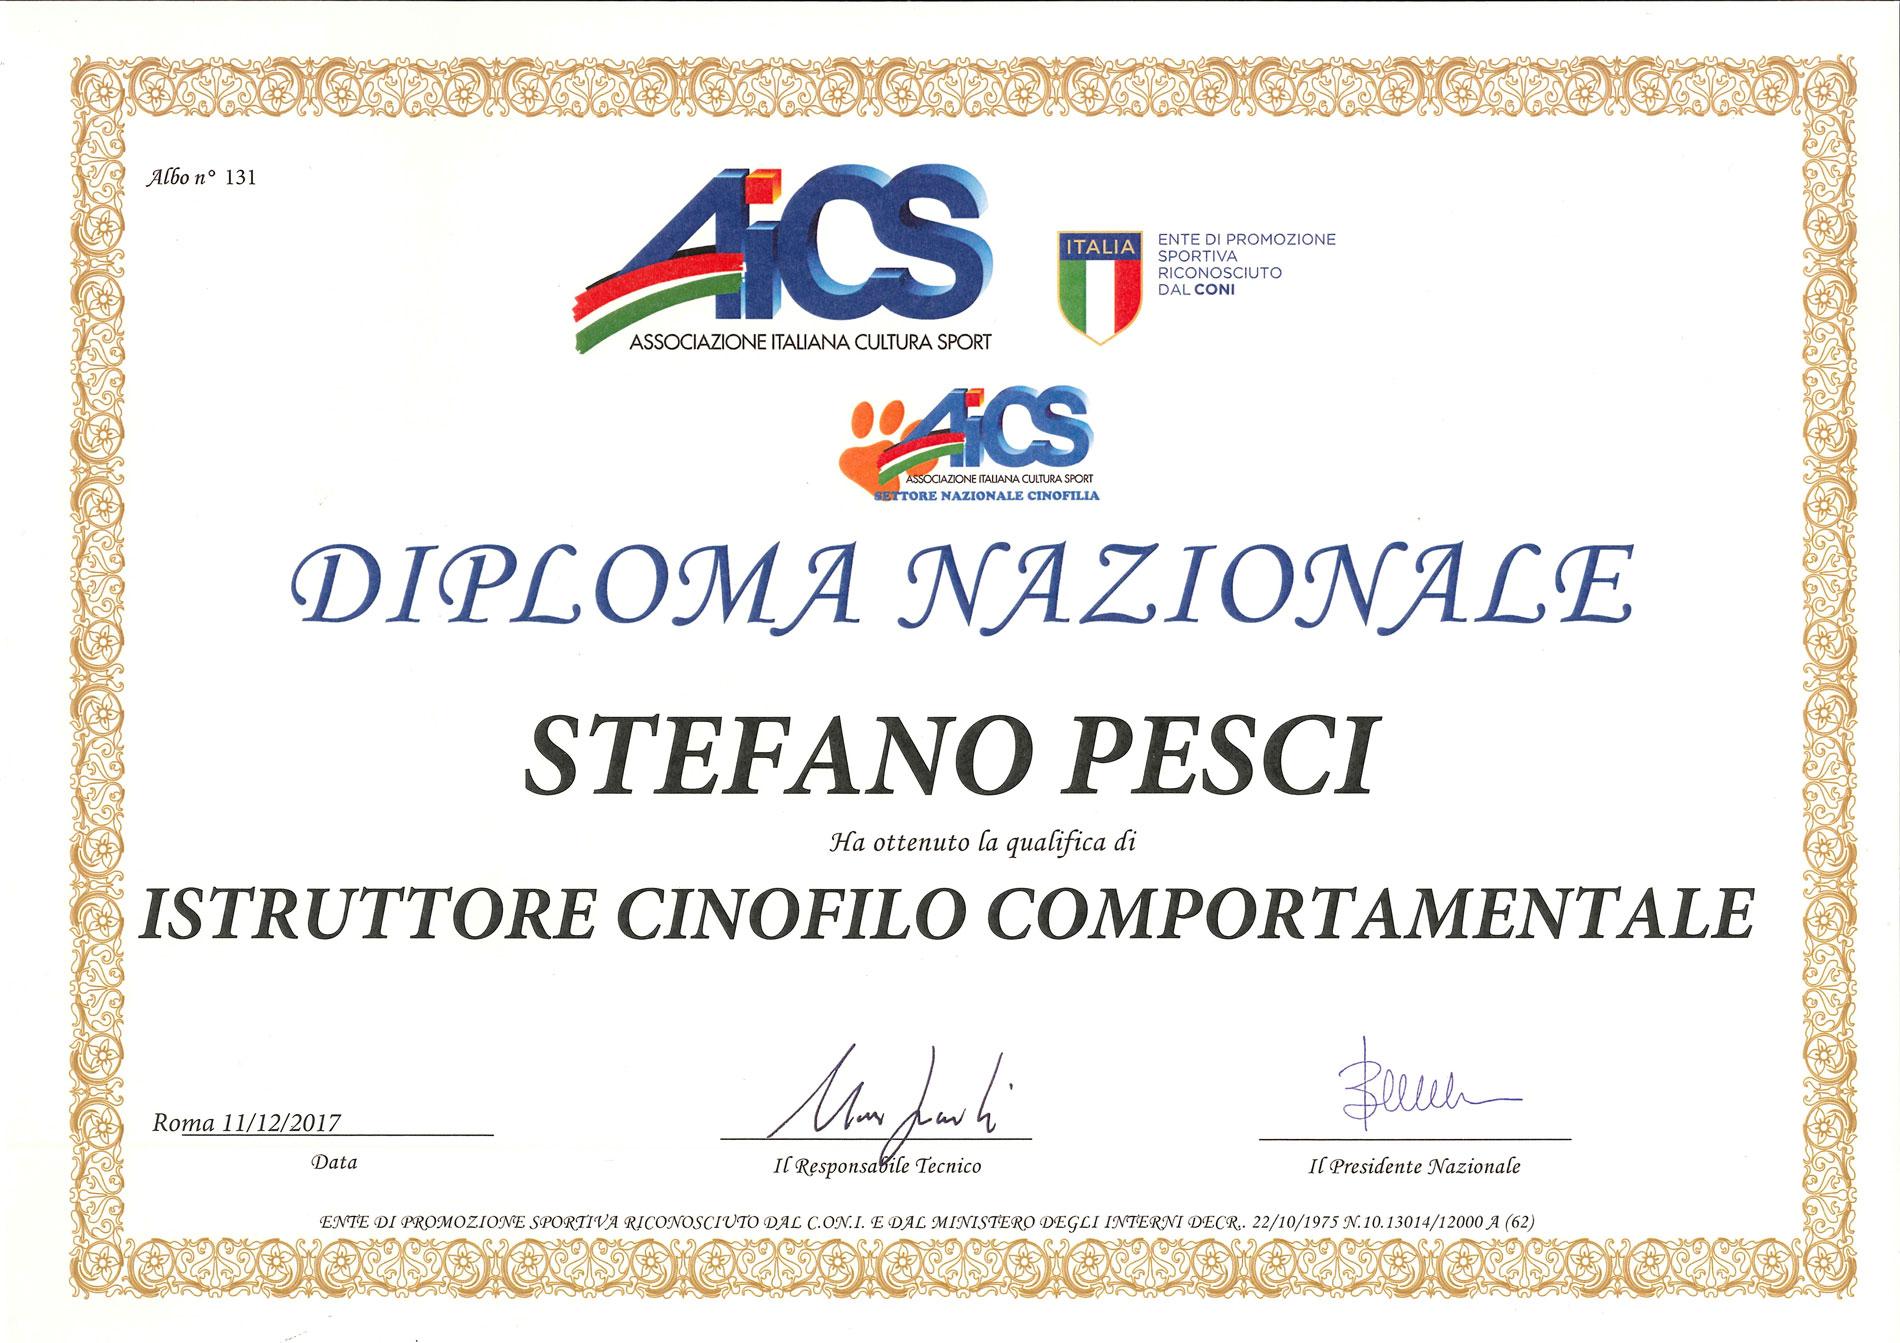 \isytruttore Cinofilo Comportamentale - Stefano Pesci